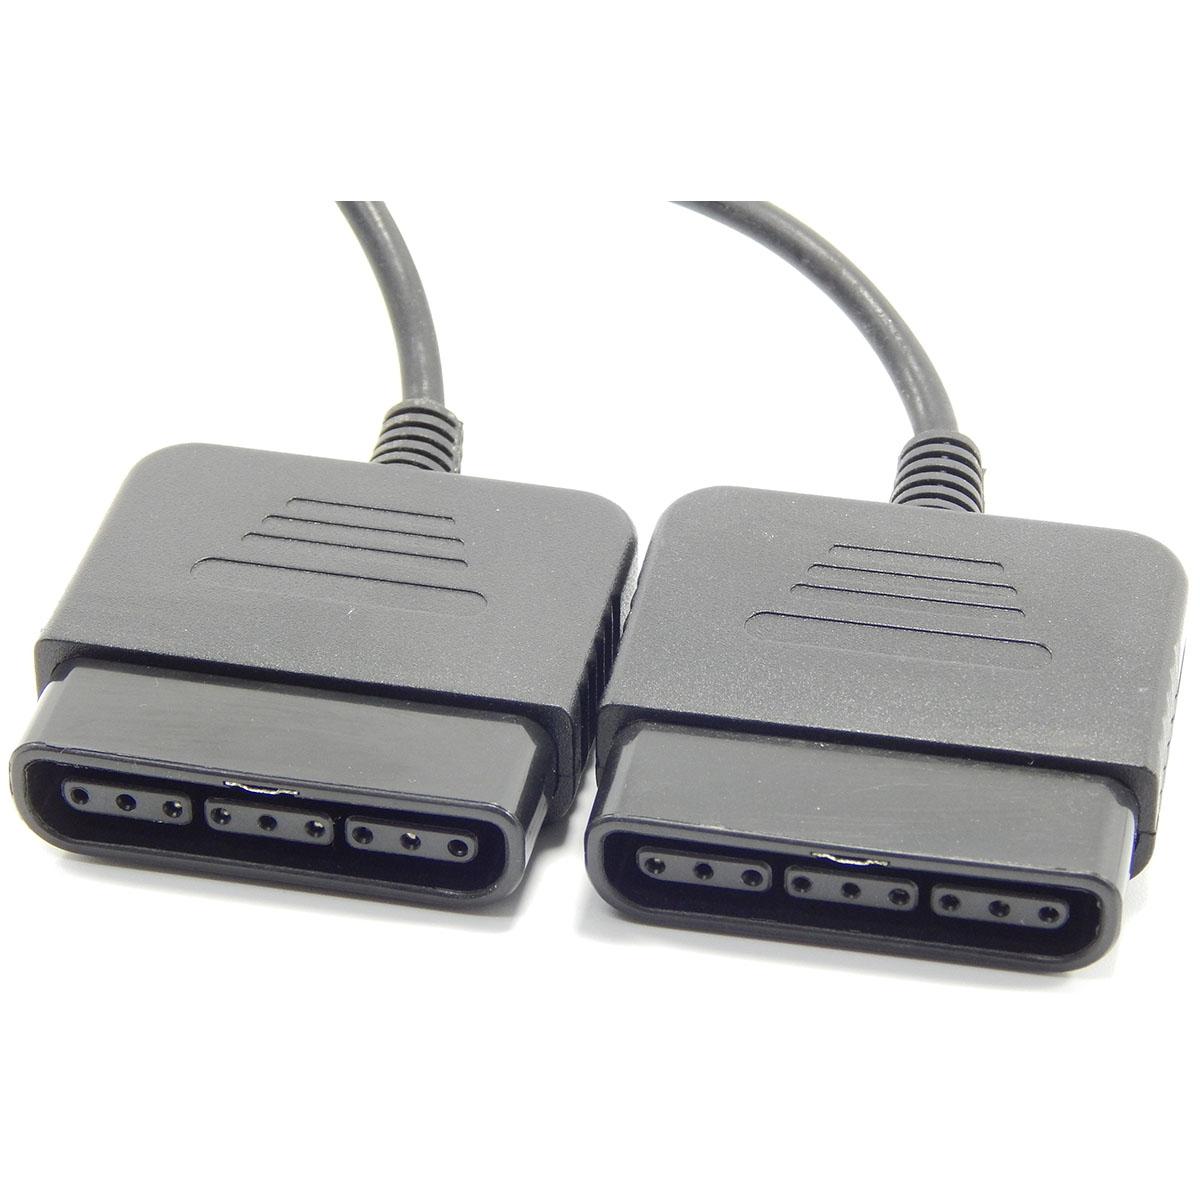 Conversor USB para Controle de Playstation 2 KL203